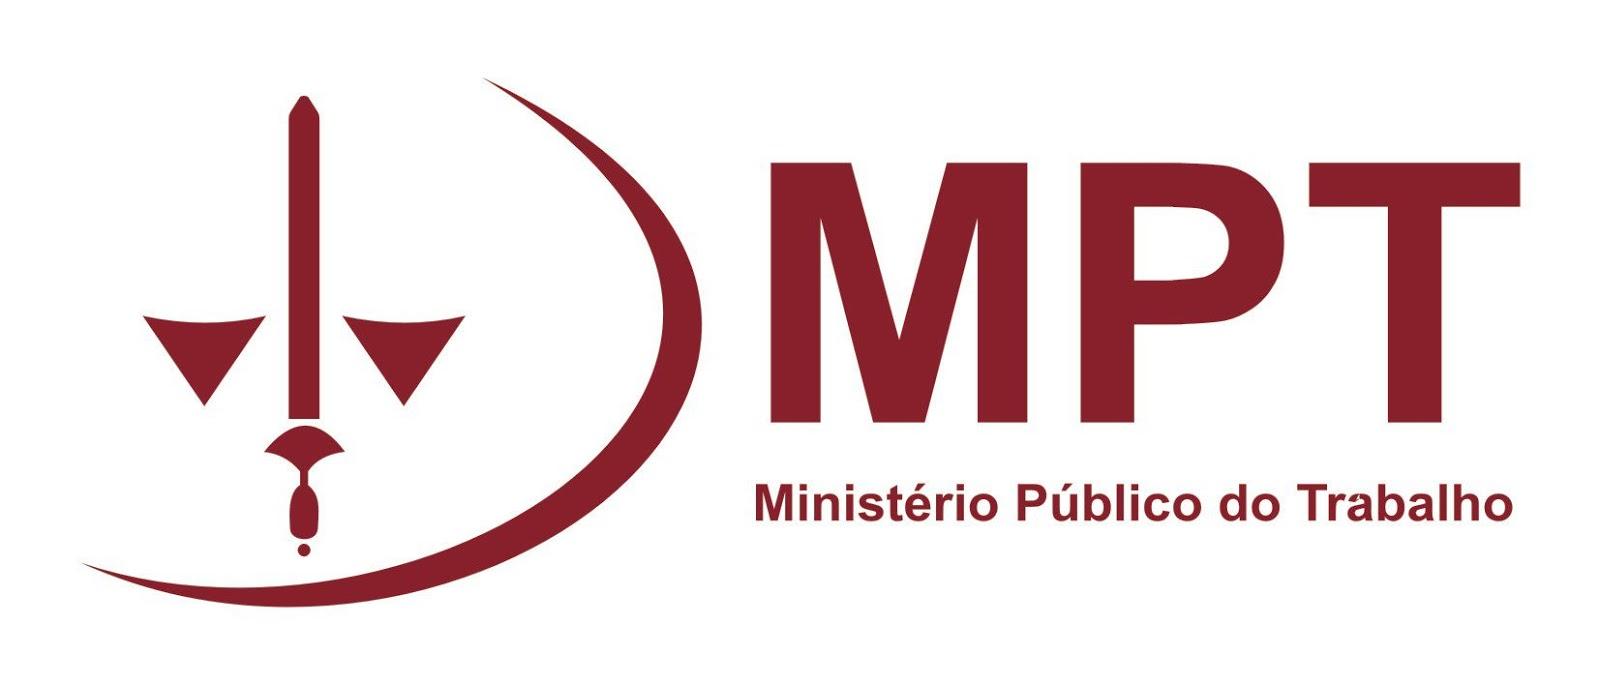 Resultado de imagem para ministério público do trabalho pe